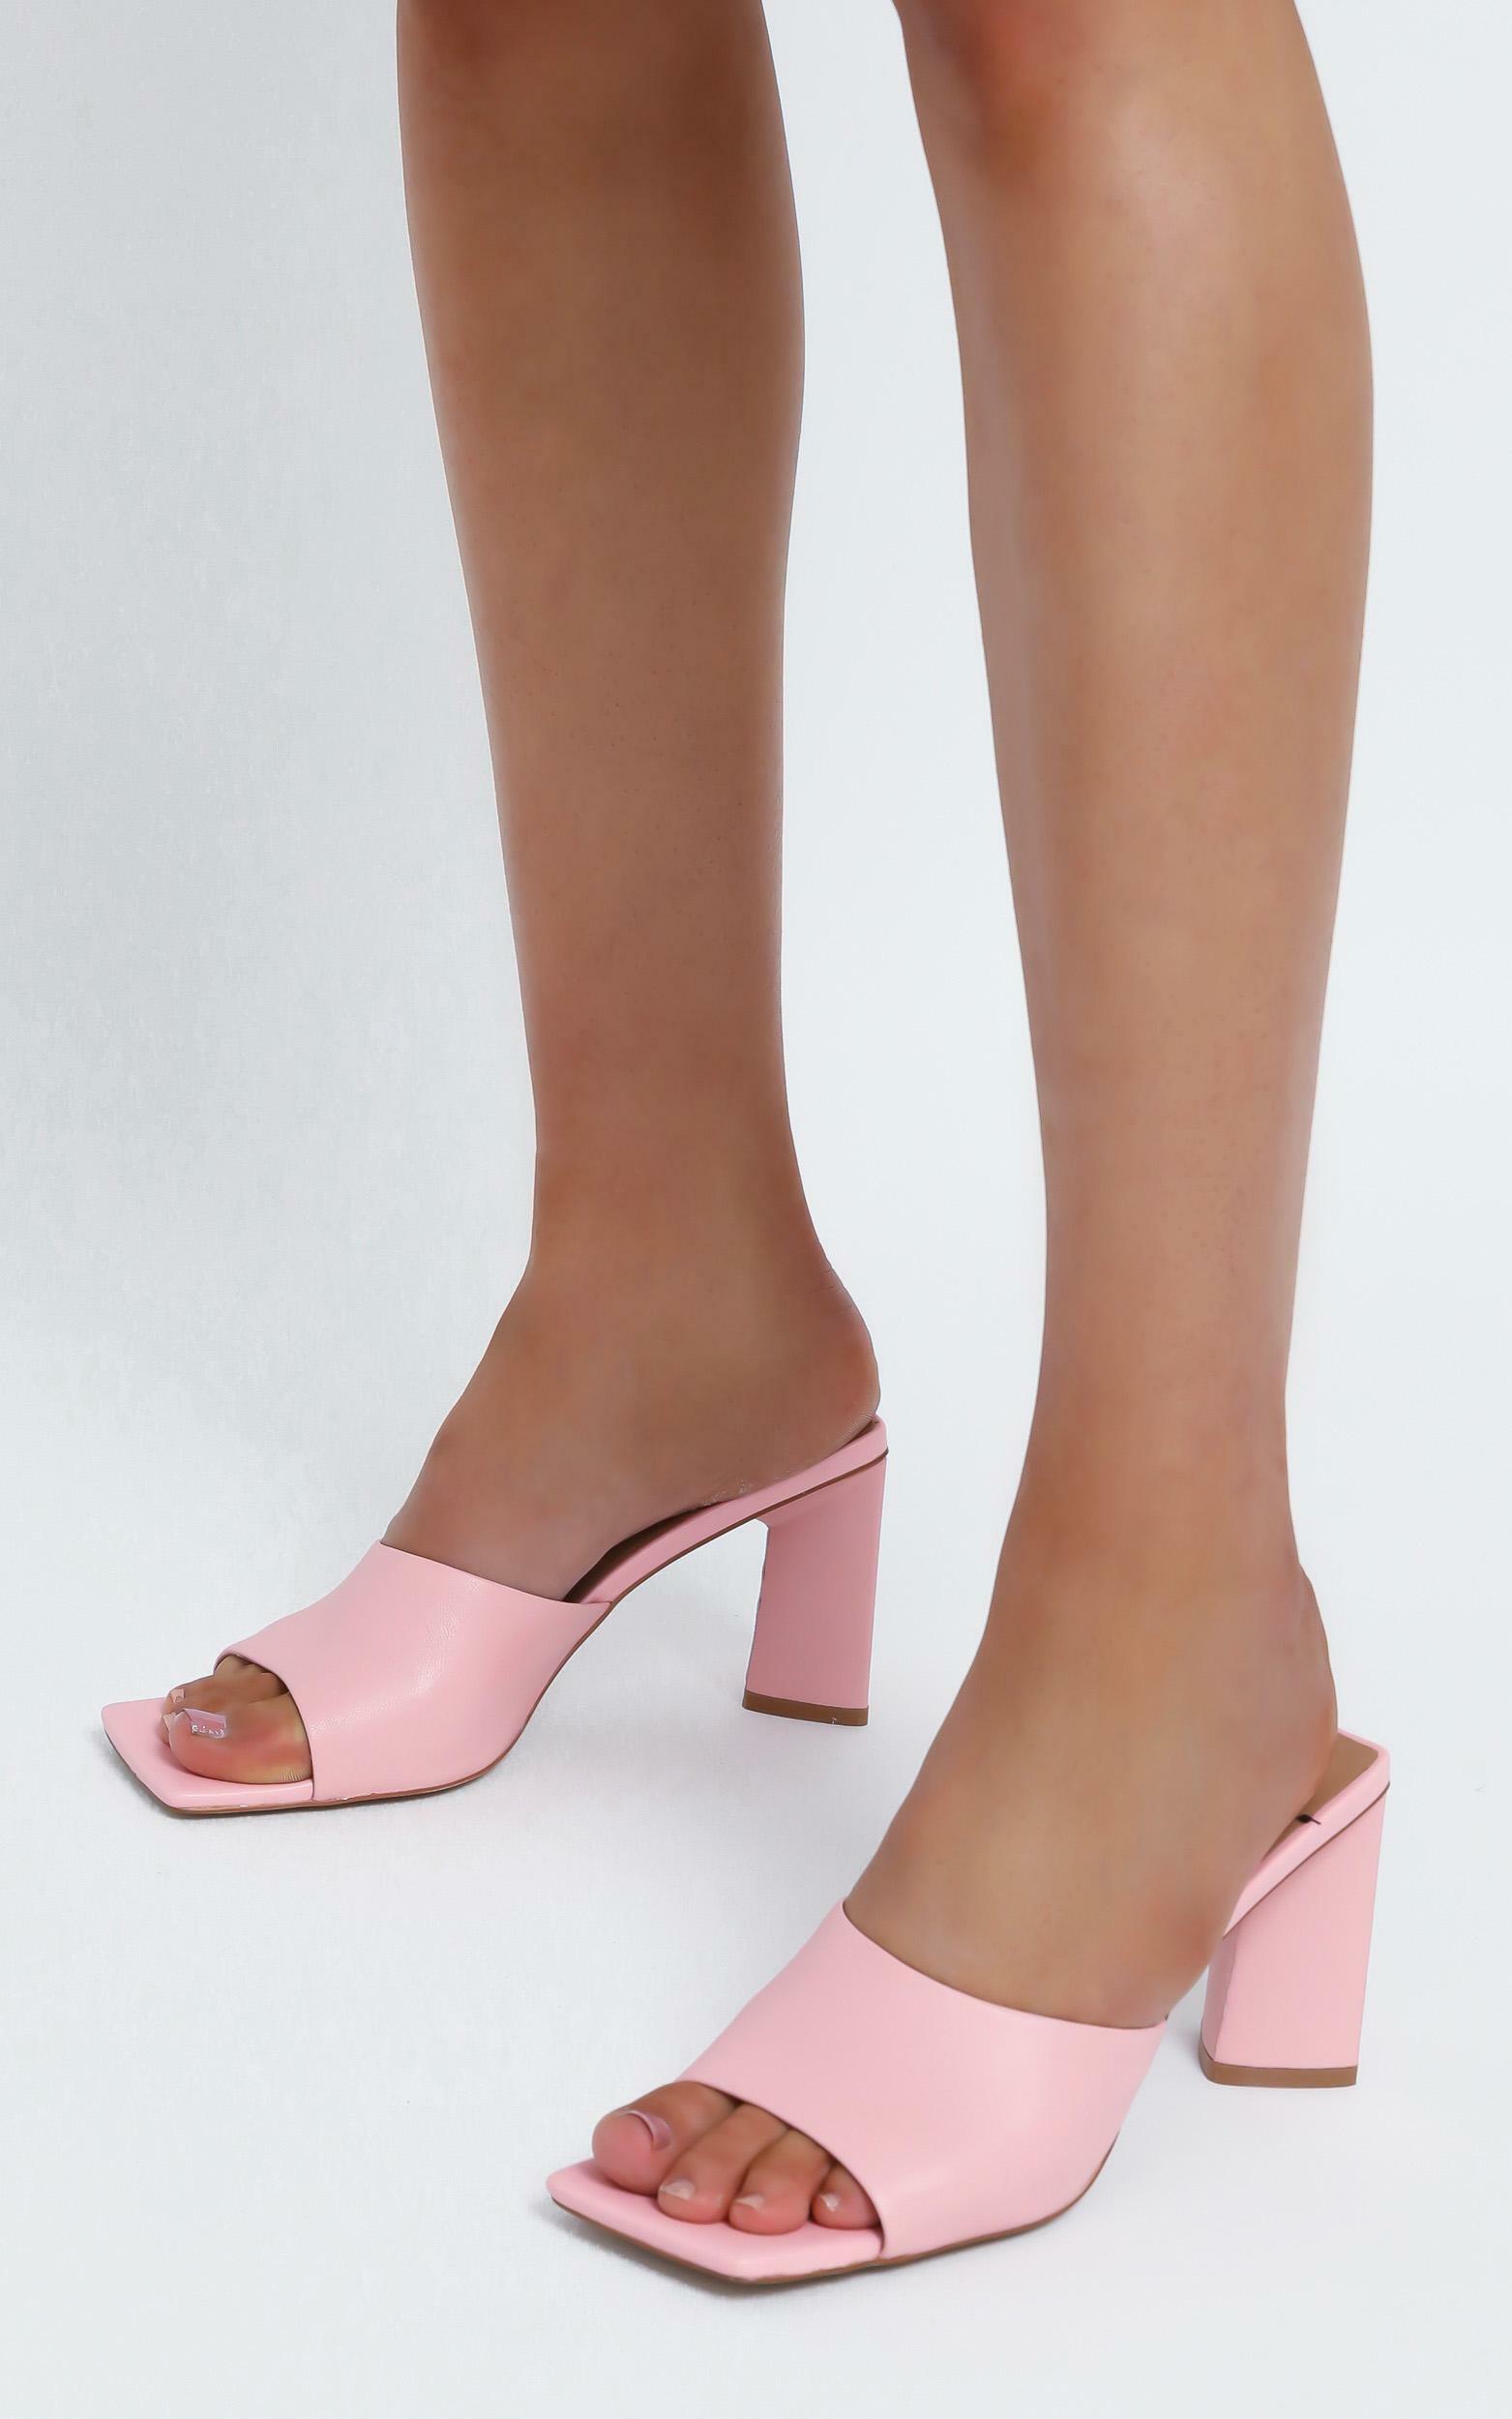 Alias Mae - Macy Heel in Pink Kid Leather - 10.5, Pink, hi-res image number null